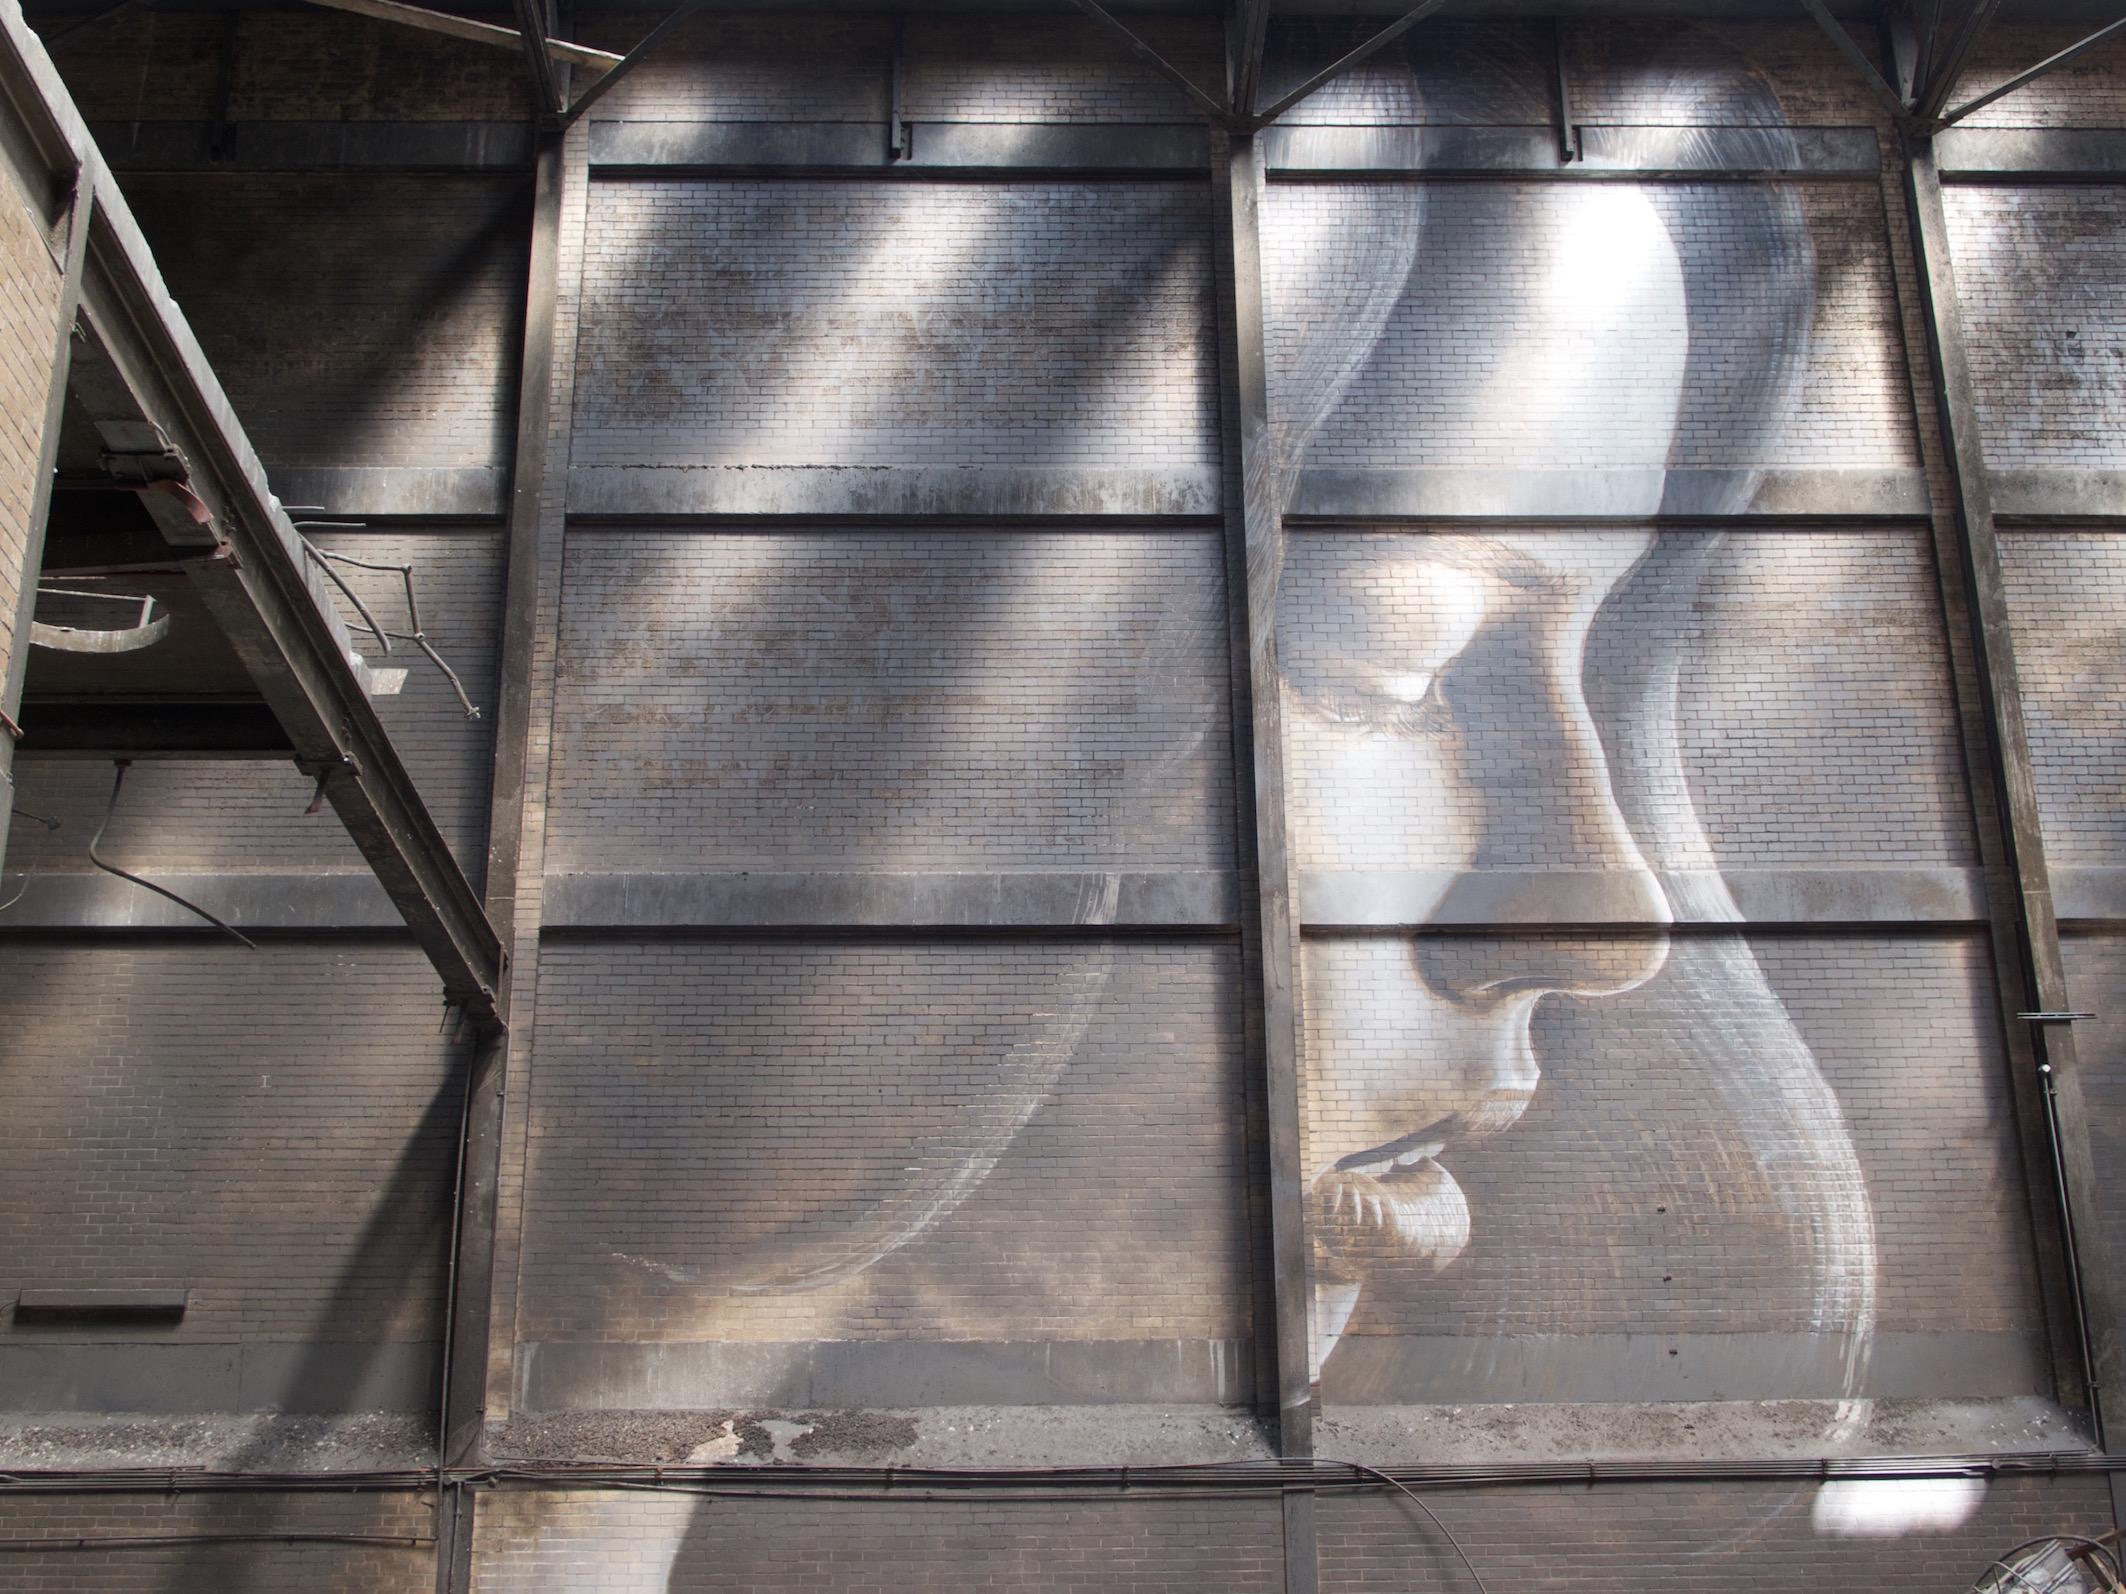 Street Art by Australian muralist Rone